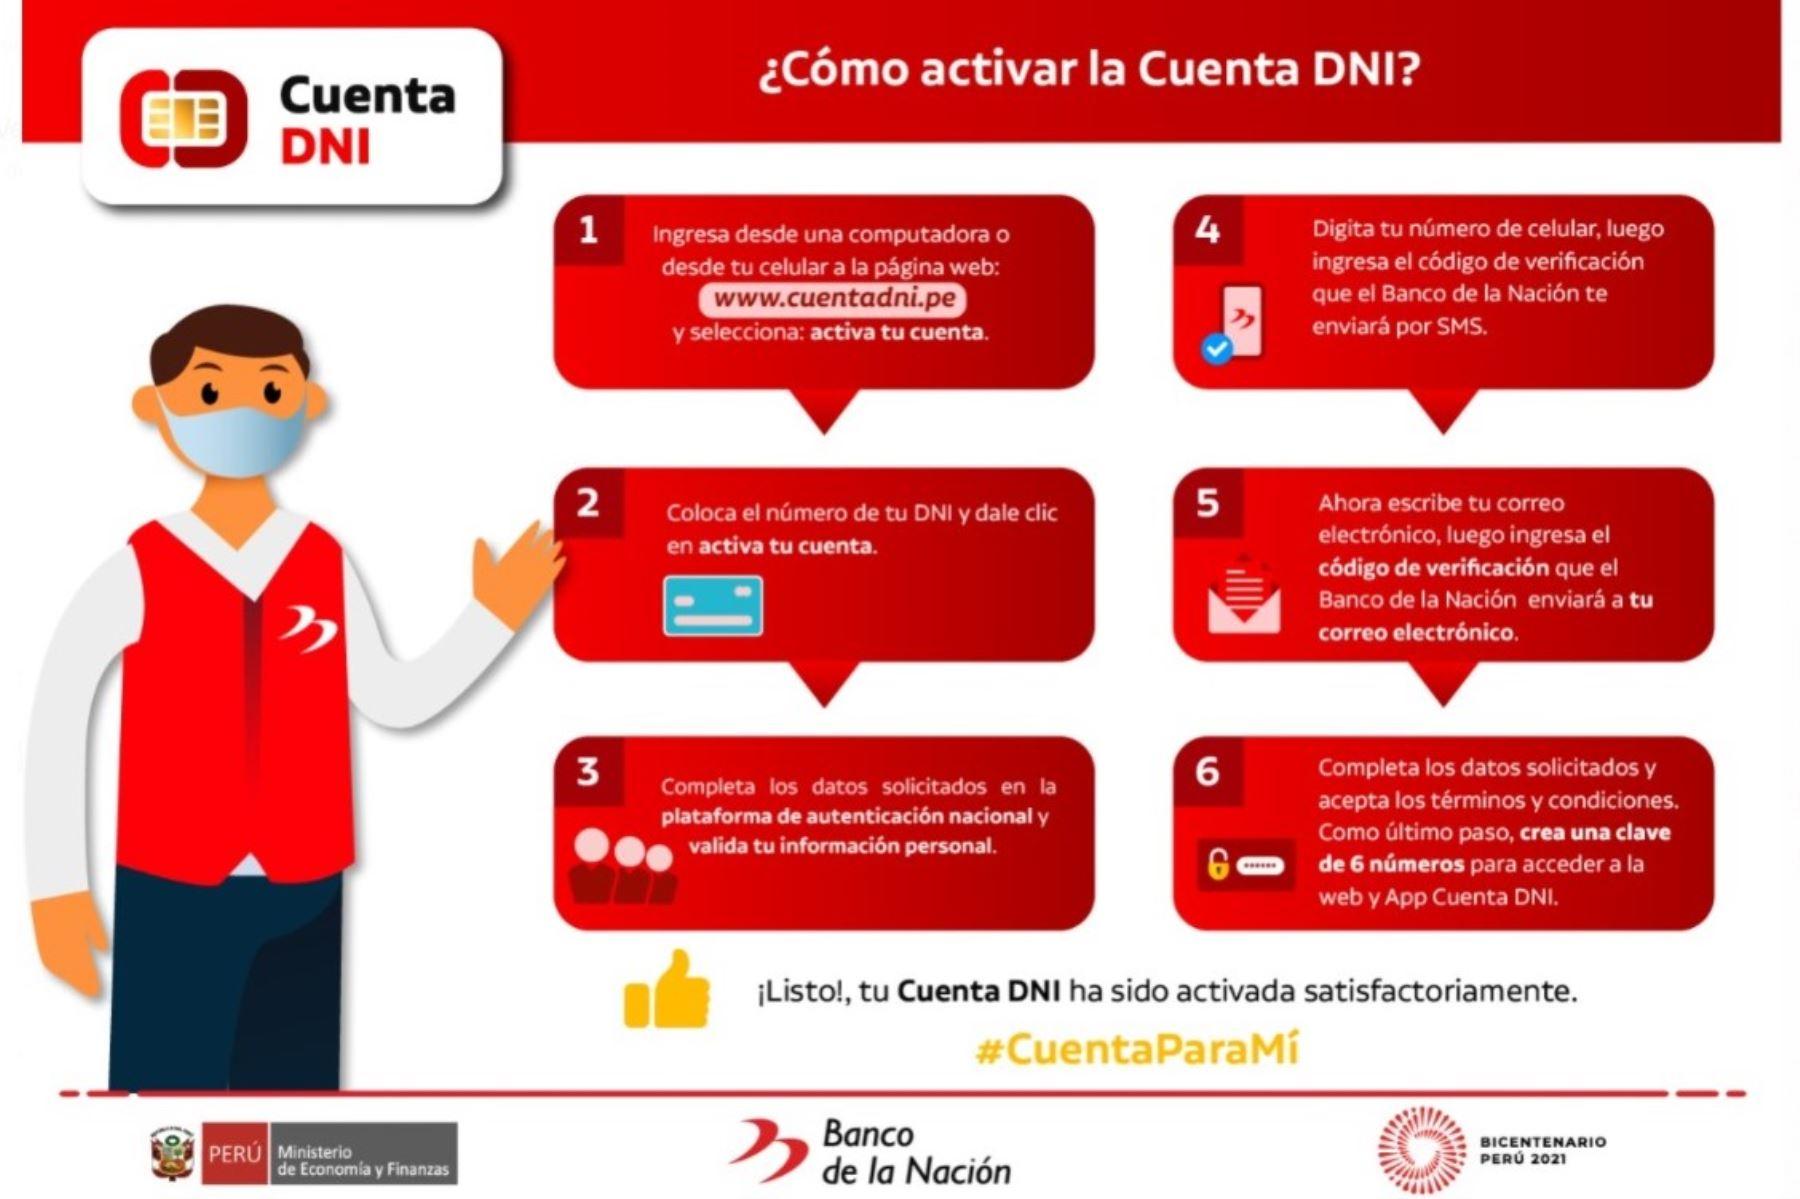 Información del BN sobre activación de Cuentas DNI.